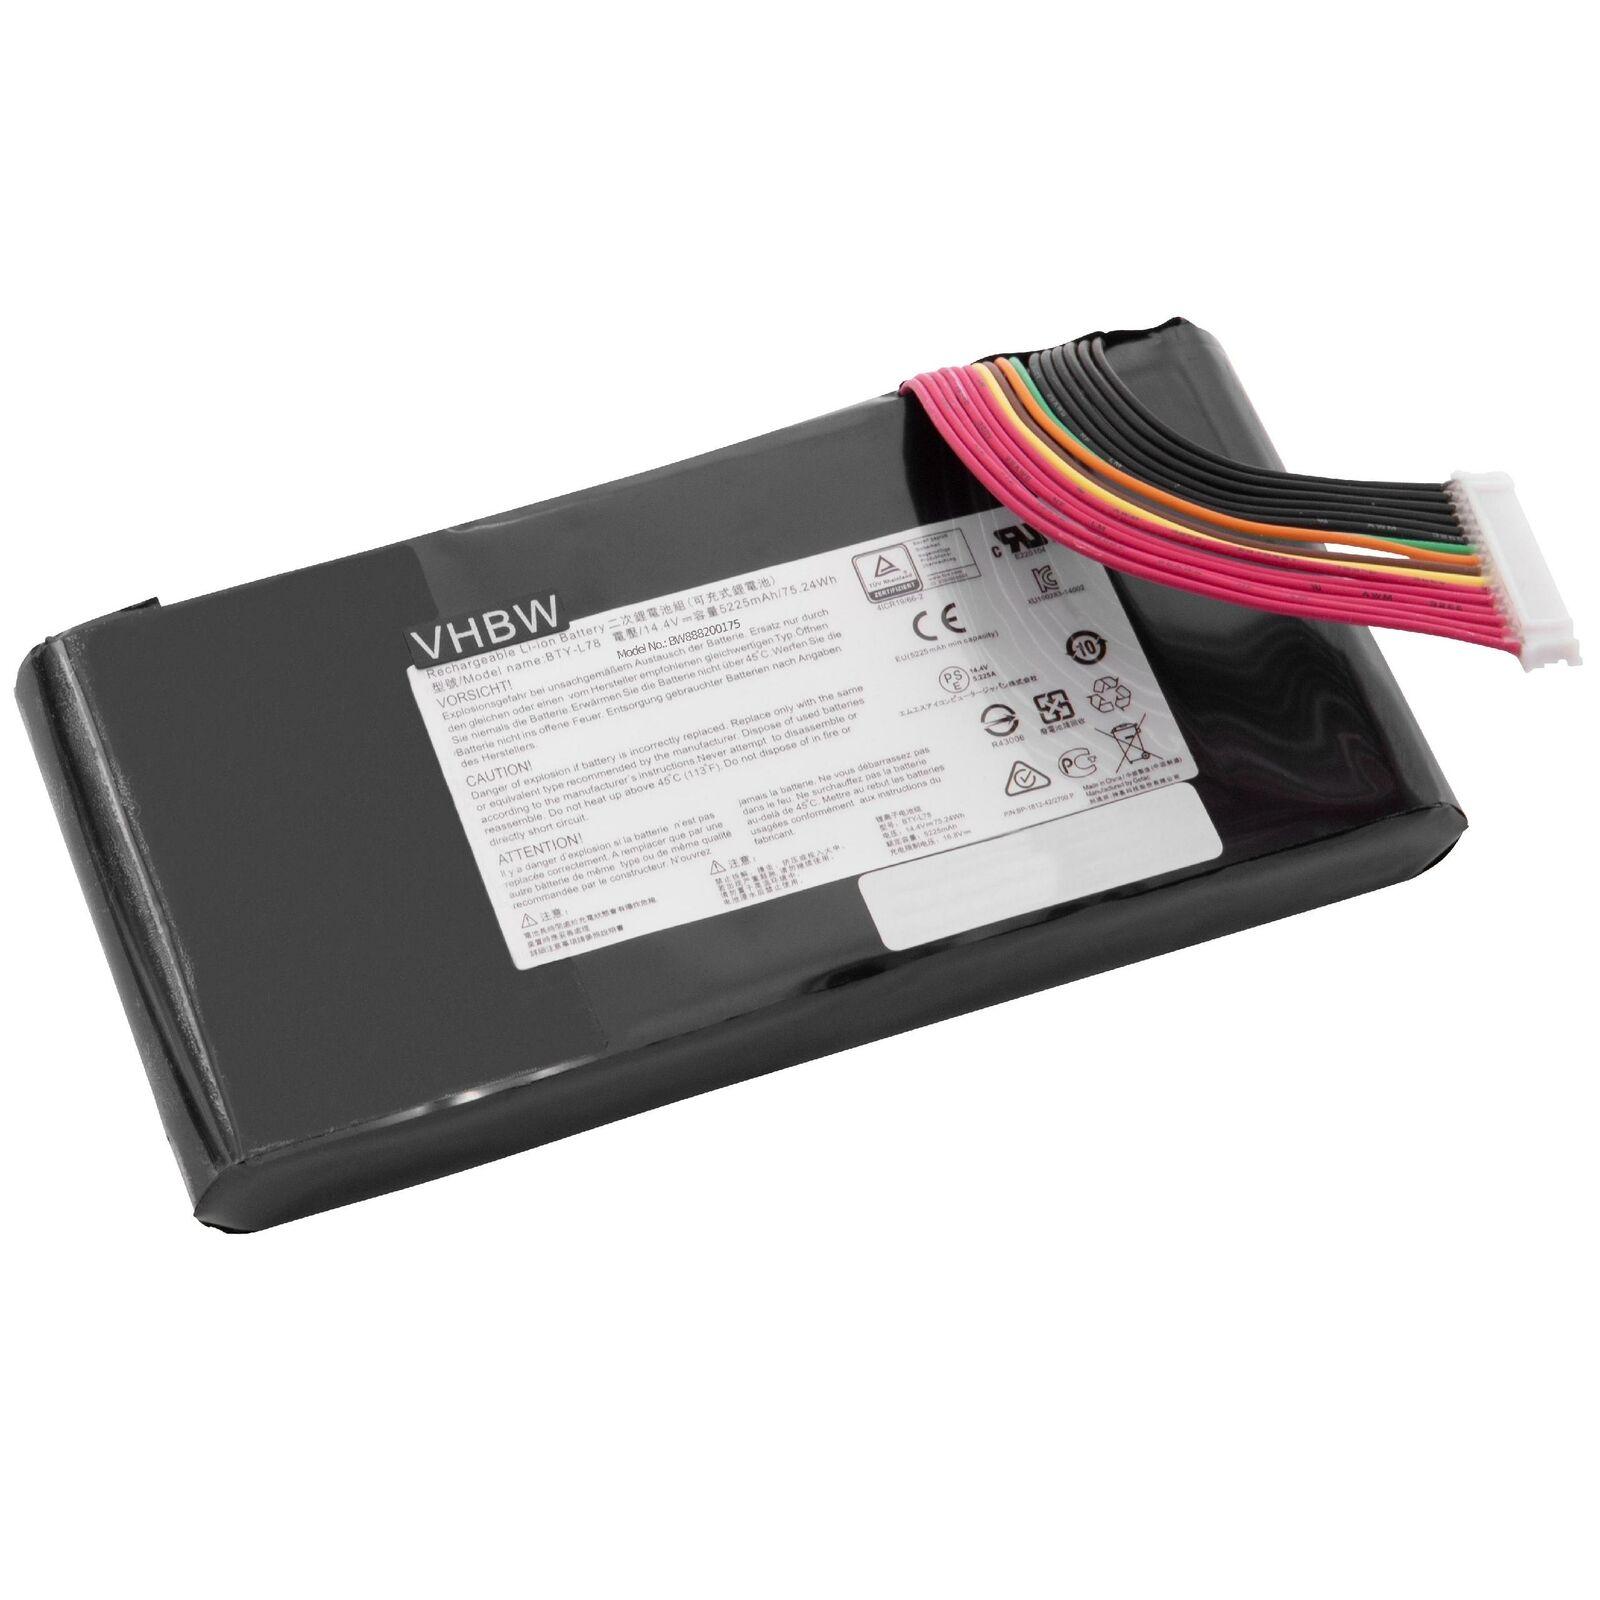 Batterie pour BTY-L78 MSI GT62 GT62VR GT62VR 6RD GT80 GT73 GT83 GT83VR GT73VR GT80S(compatible)